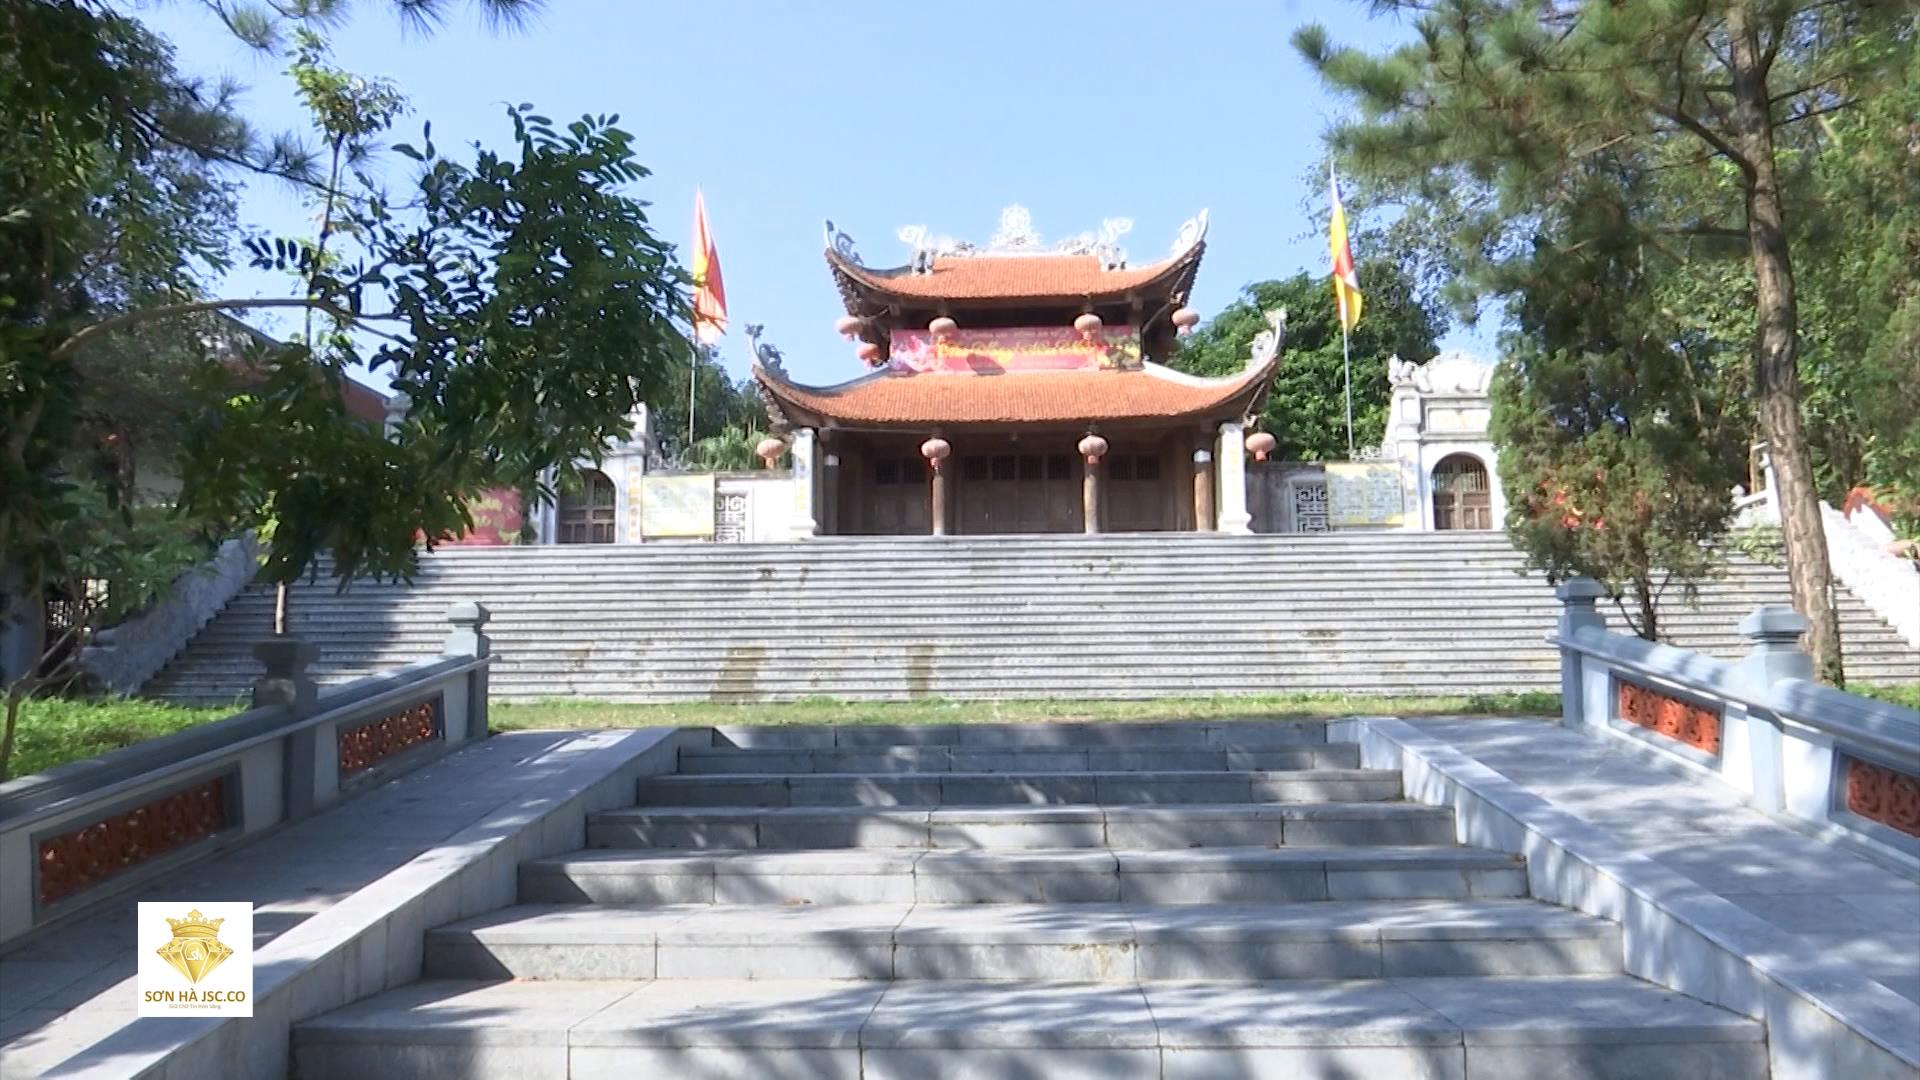 Chùa Hồng Ân tự thị trấn Lim huyện Tiên Du